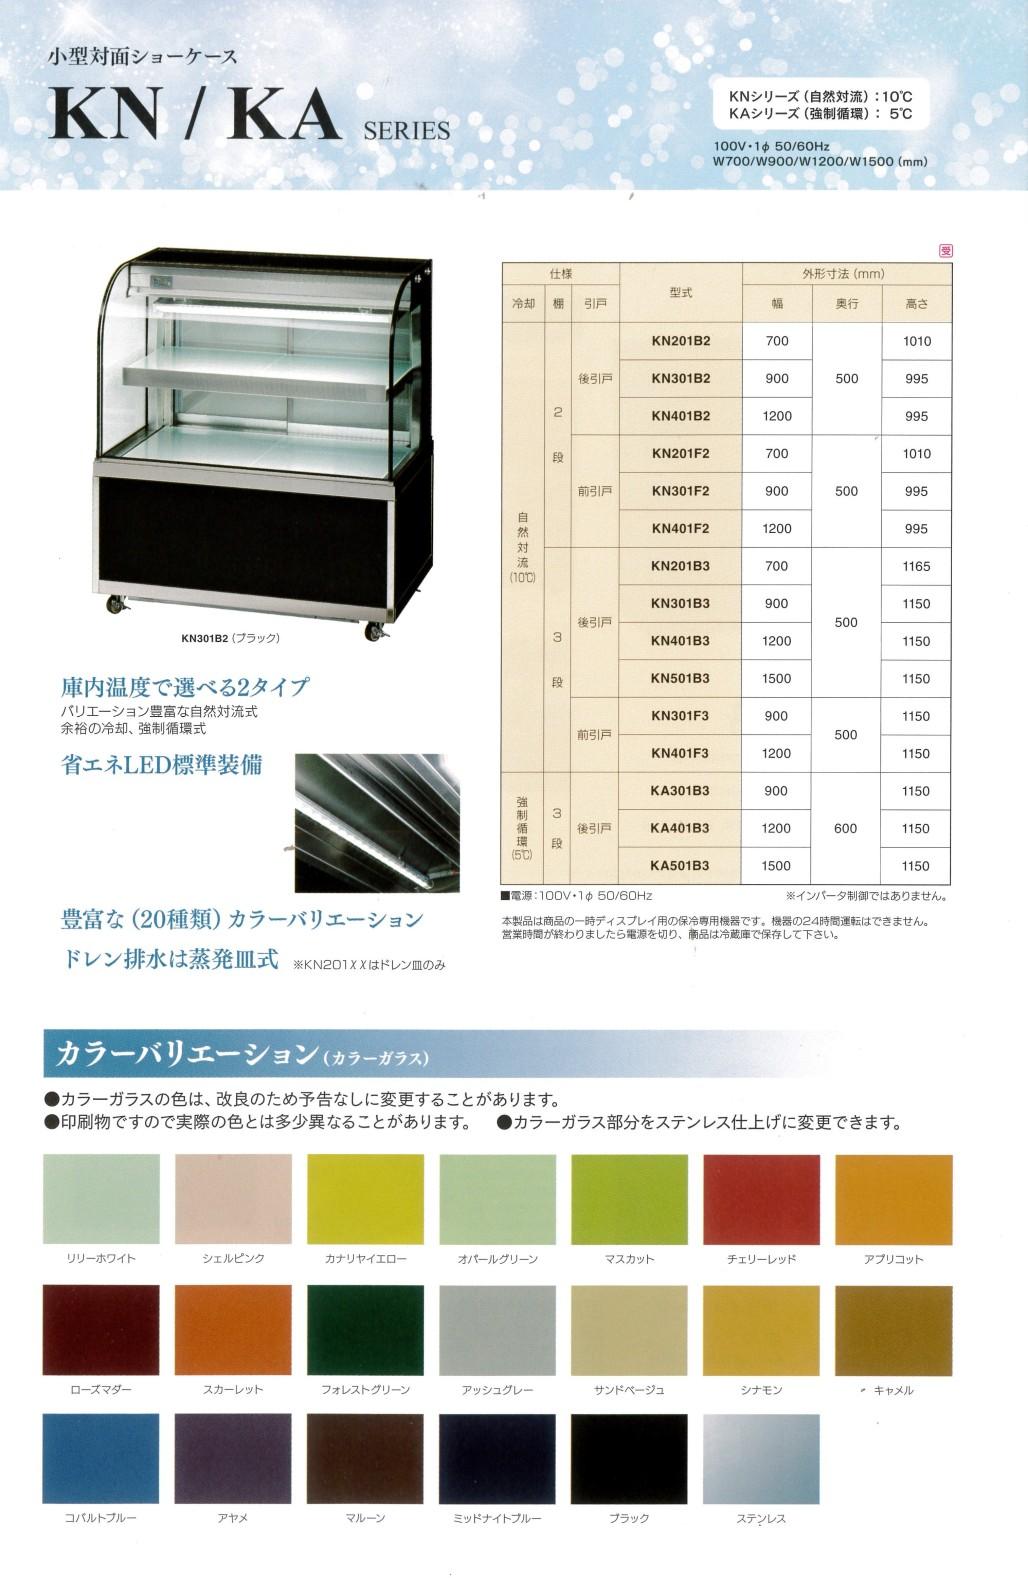 【ダイワ】【業務用】【新品】 対面冷蔵ショーケース KN201F2 単相100V